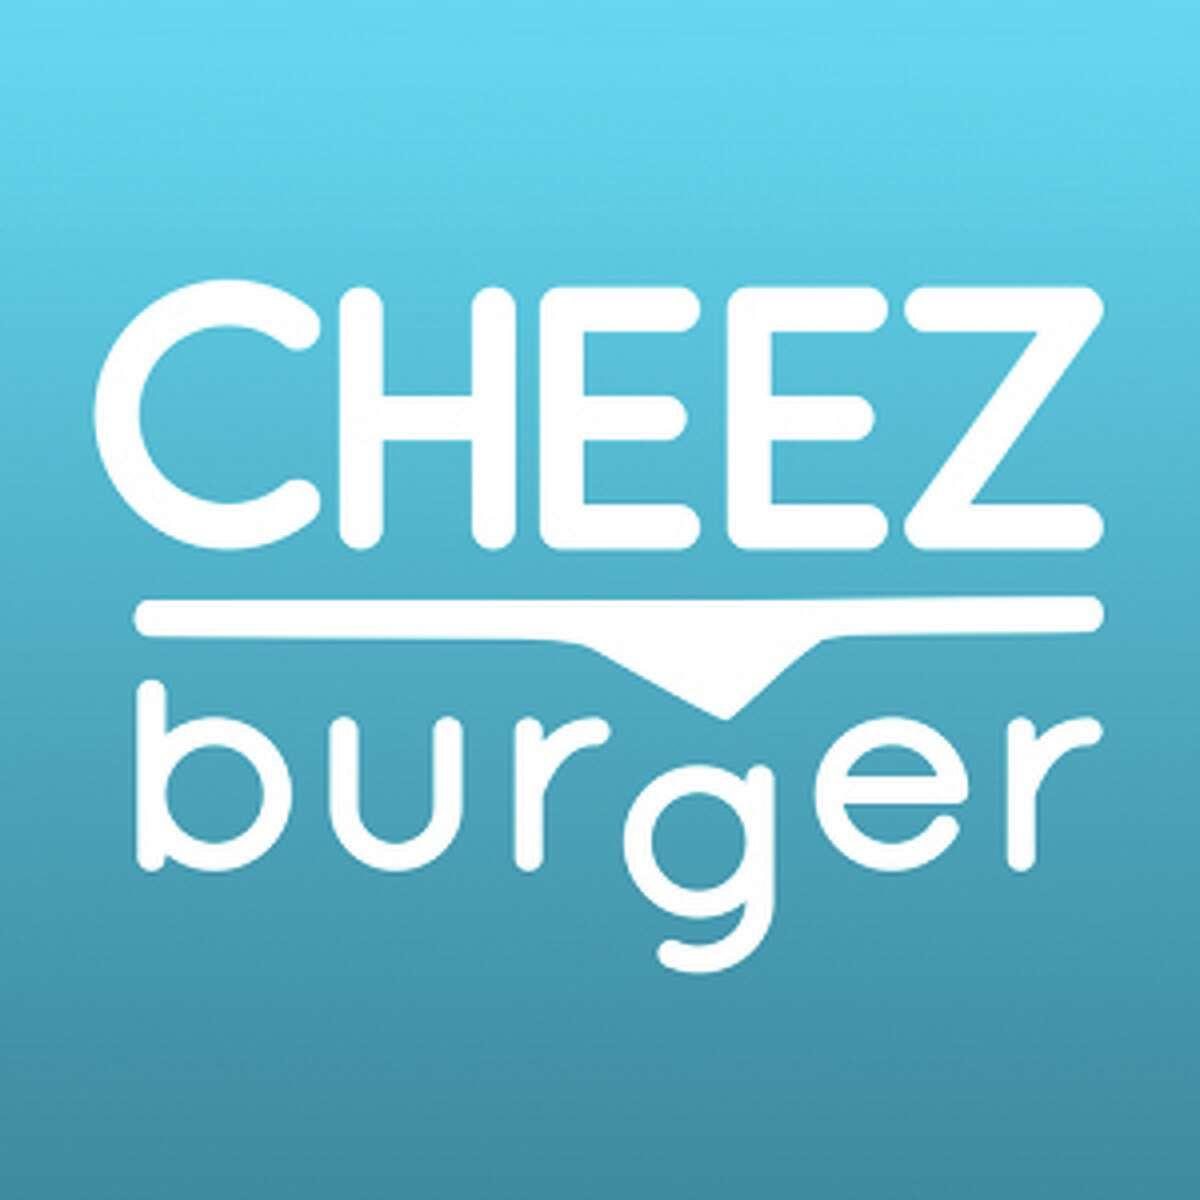 Cheezburger app